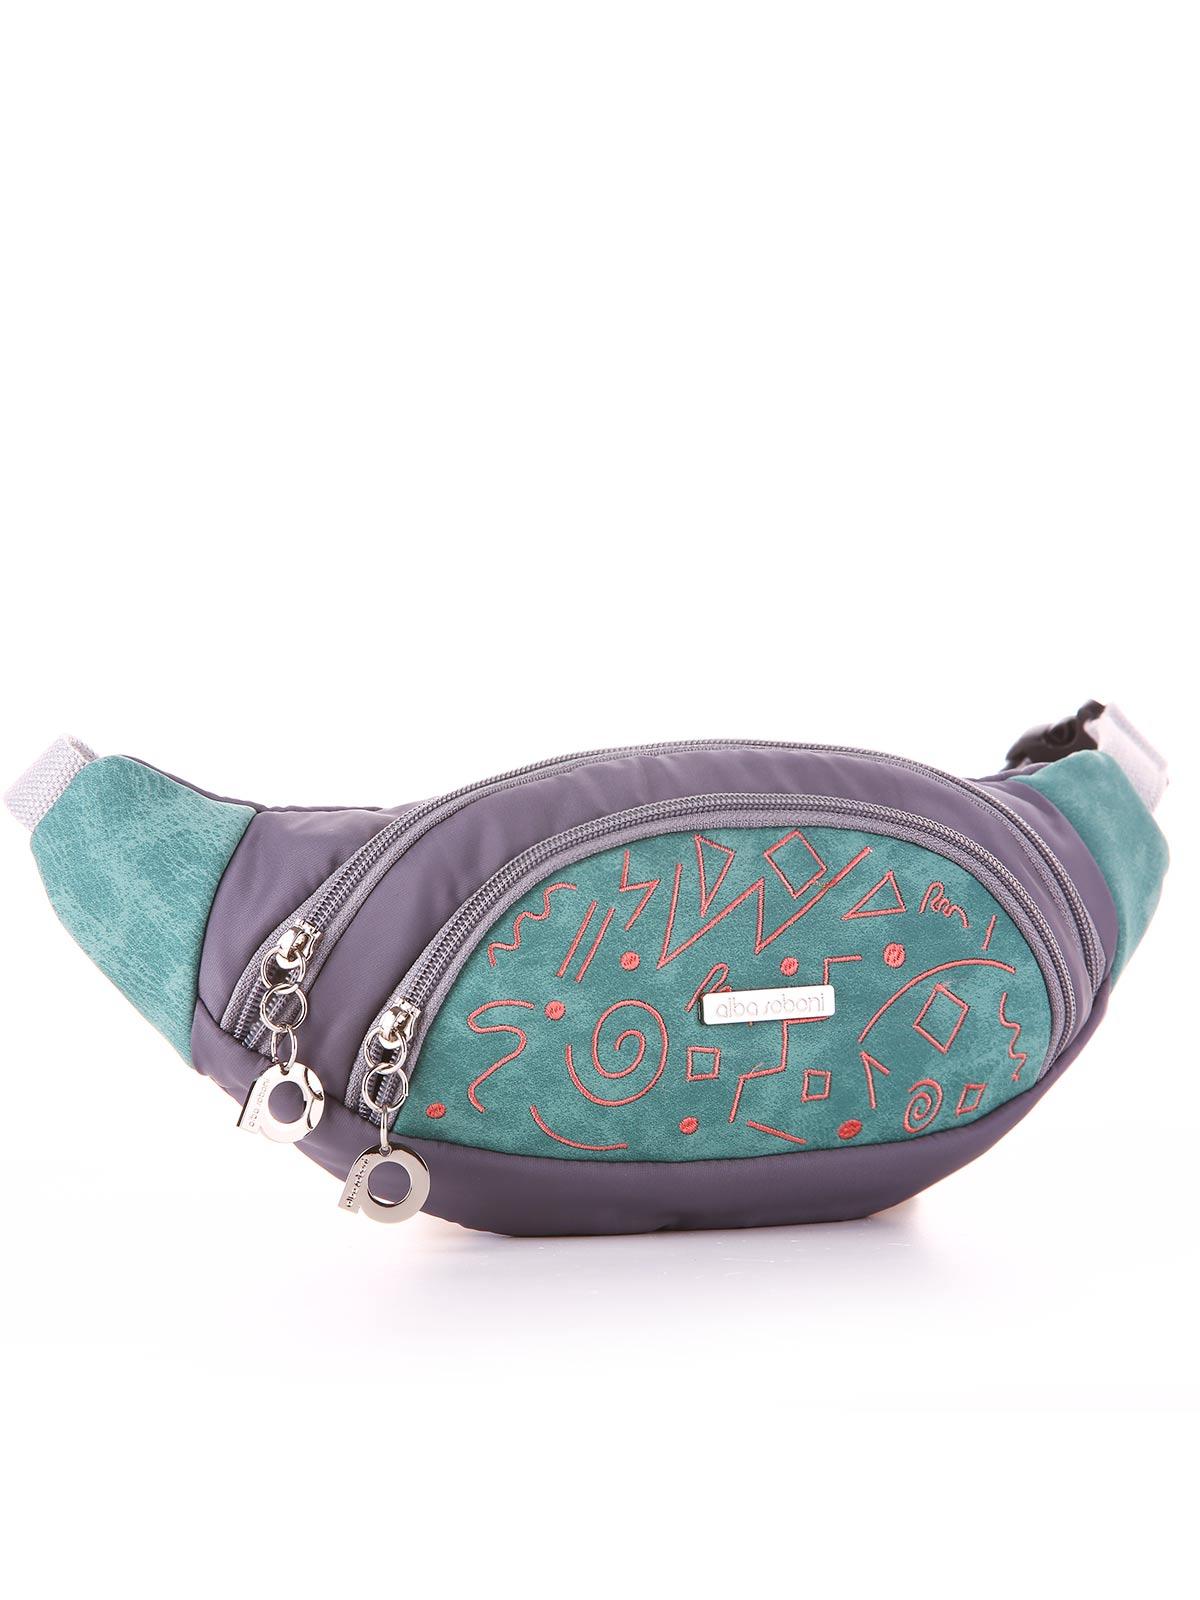 Модная сумка на пояс, модель 183883 серо-зеленый. Фото товара, вид сзади.